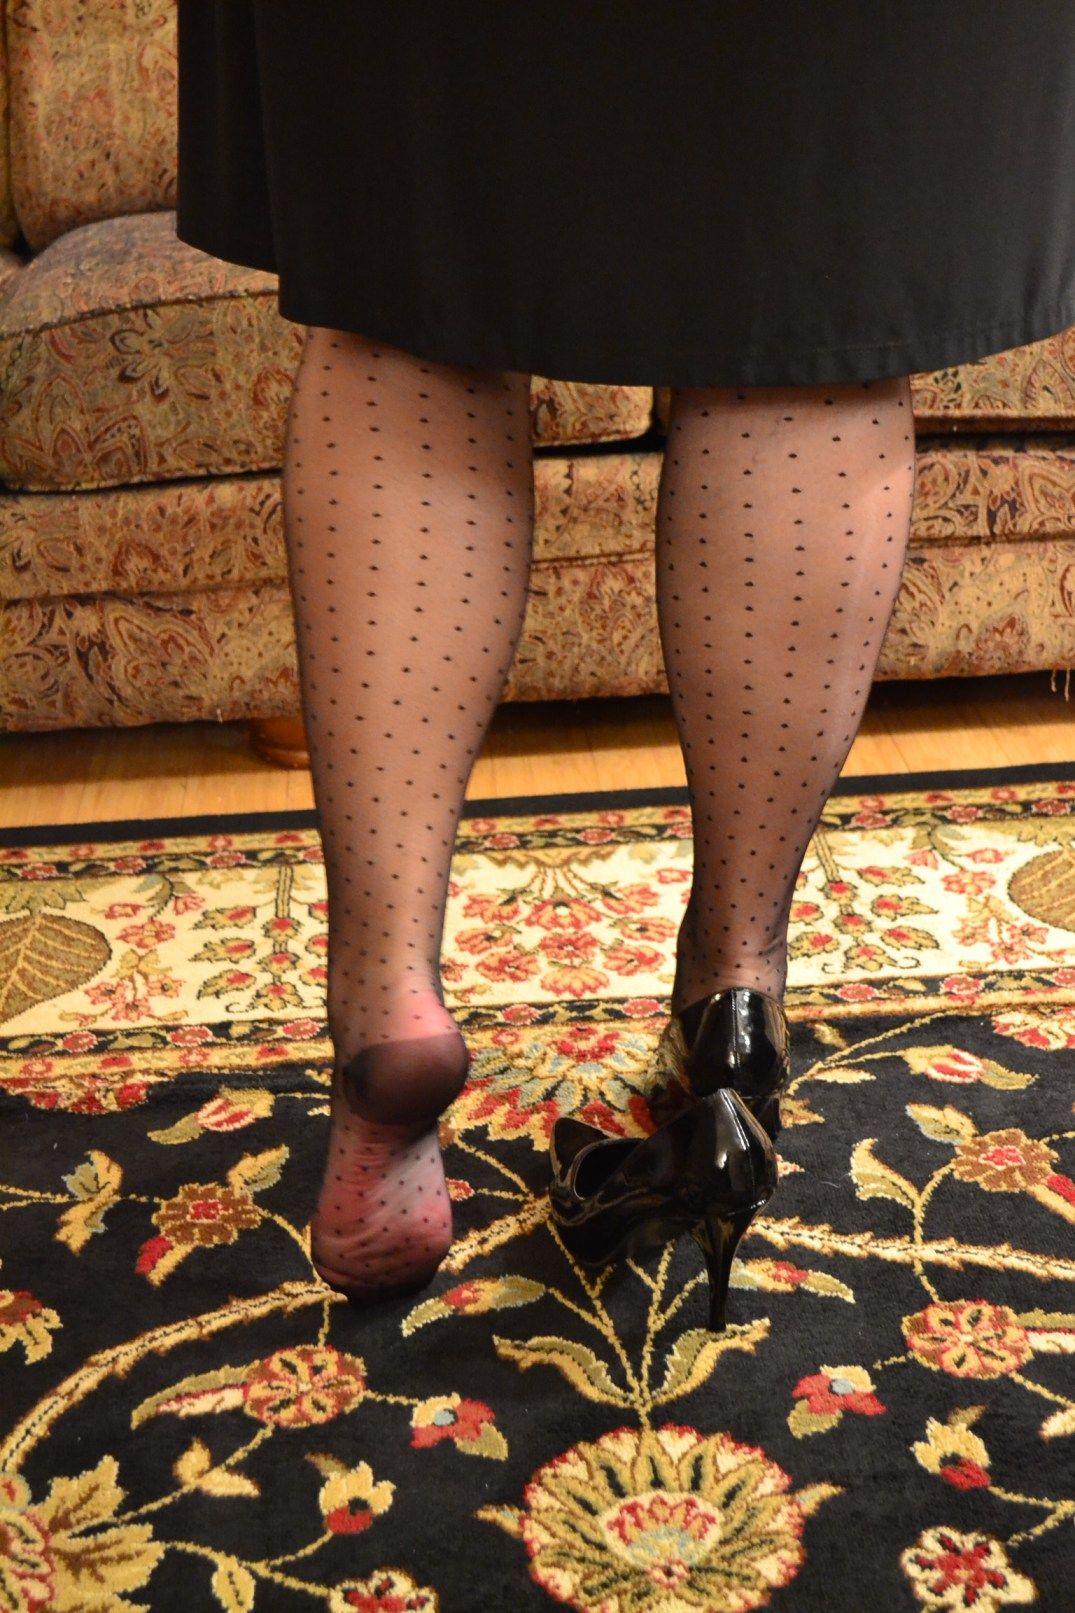 Capris Plumatis RHT stockings 100% nylon (polyamide) sheer